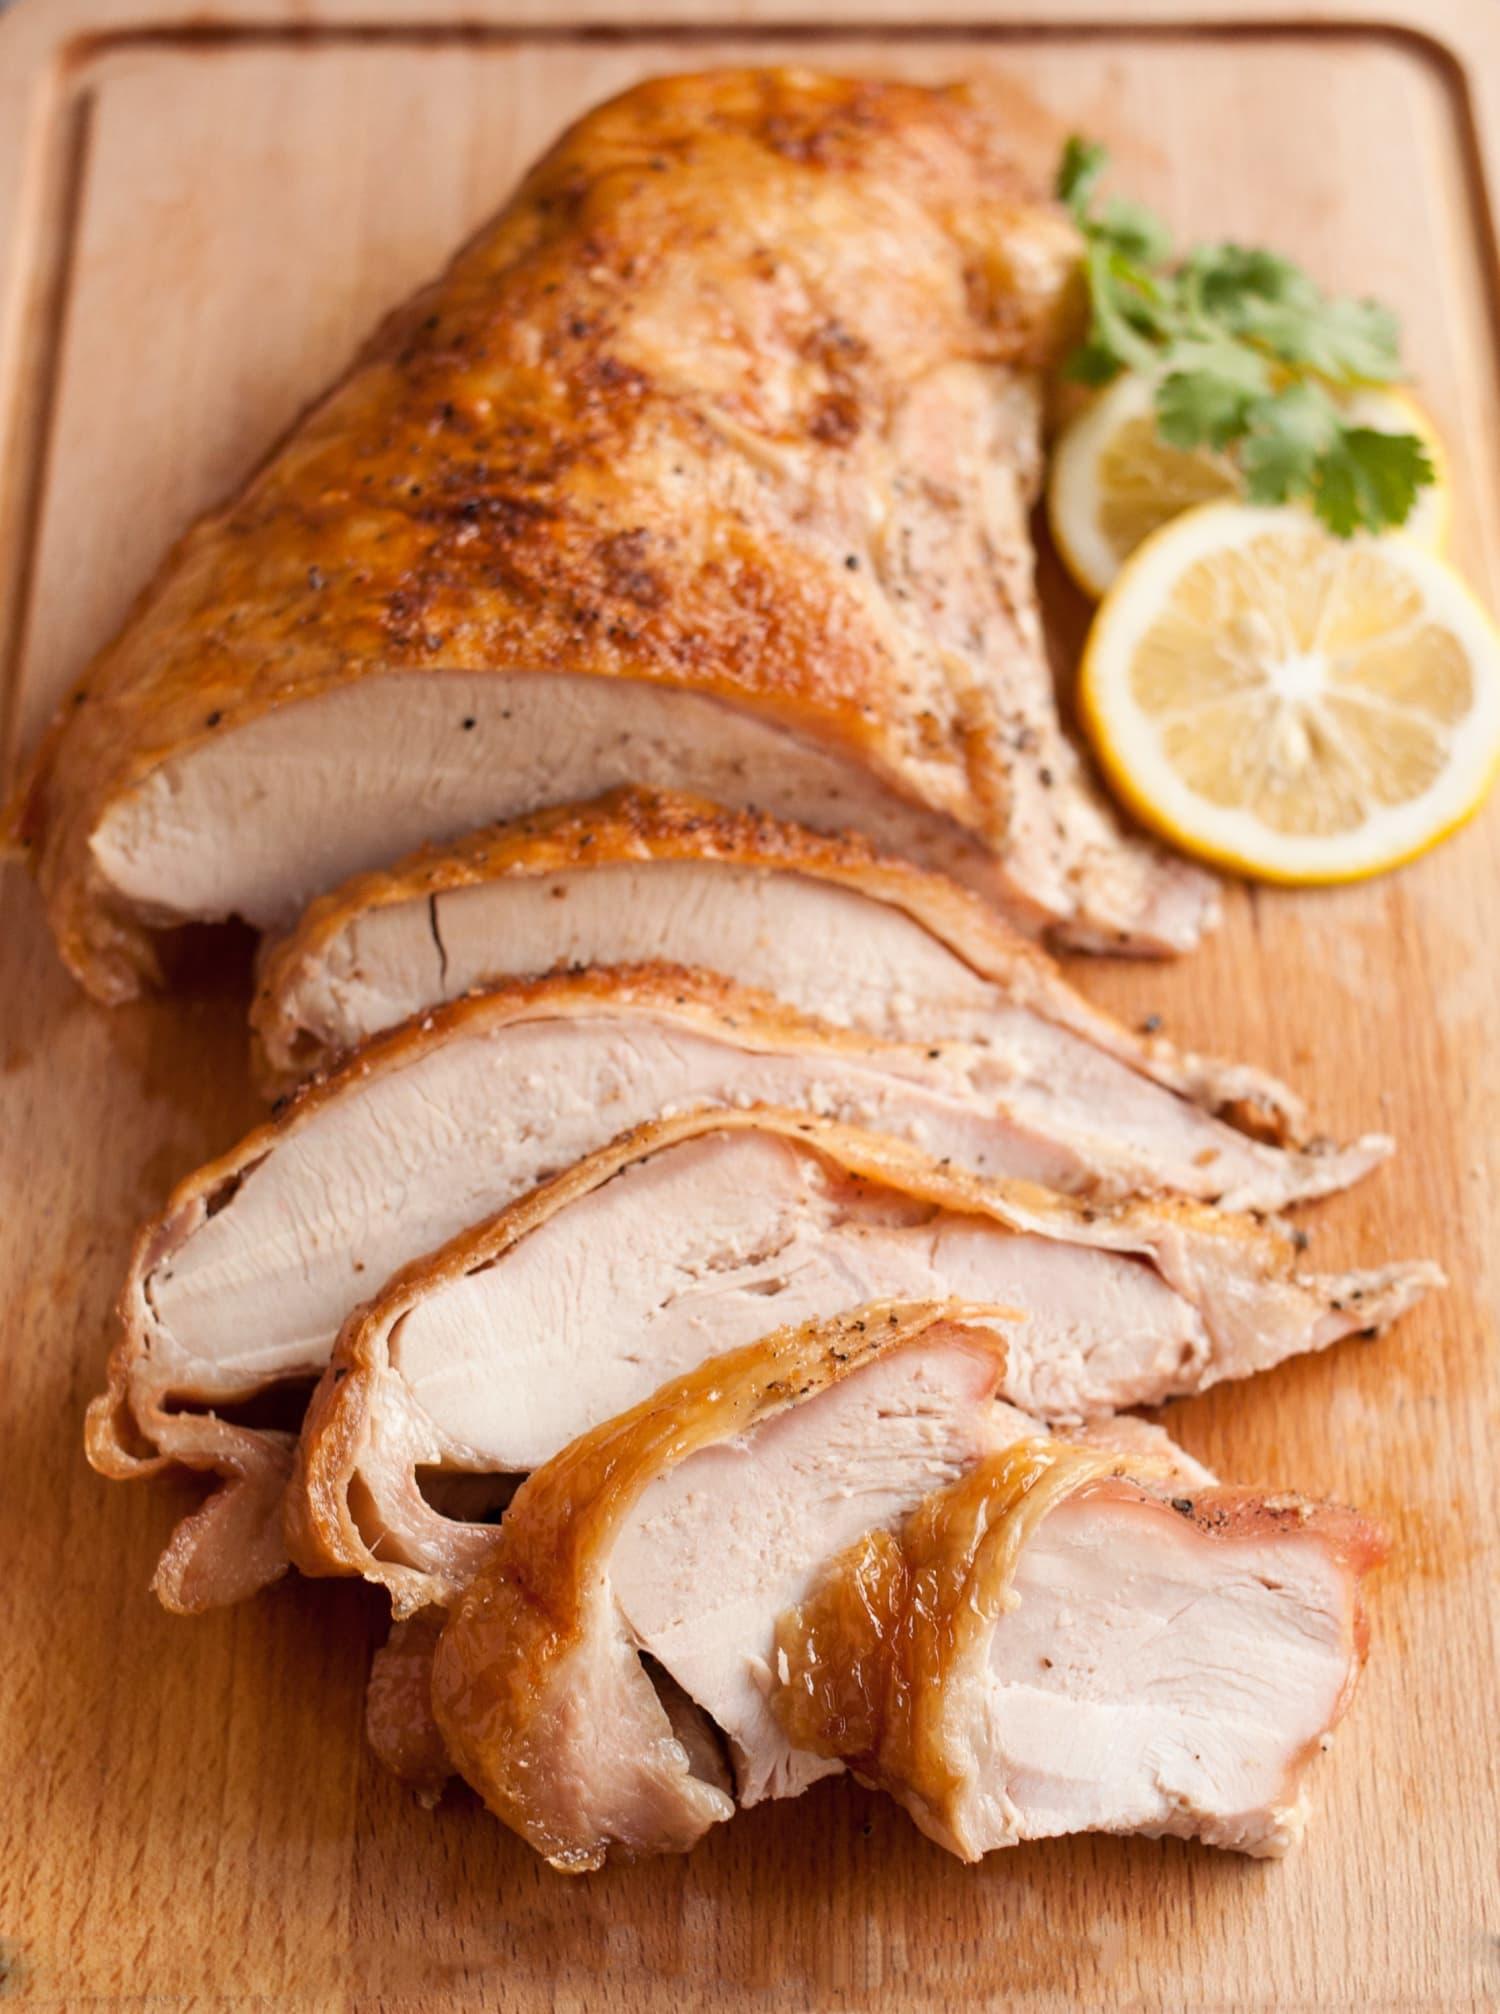 Hosting a Smaller Thanksgiving? Consider Roasting a Turkey Breast